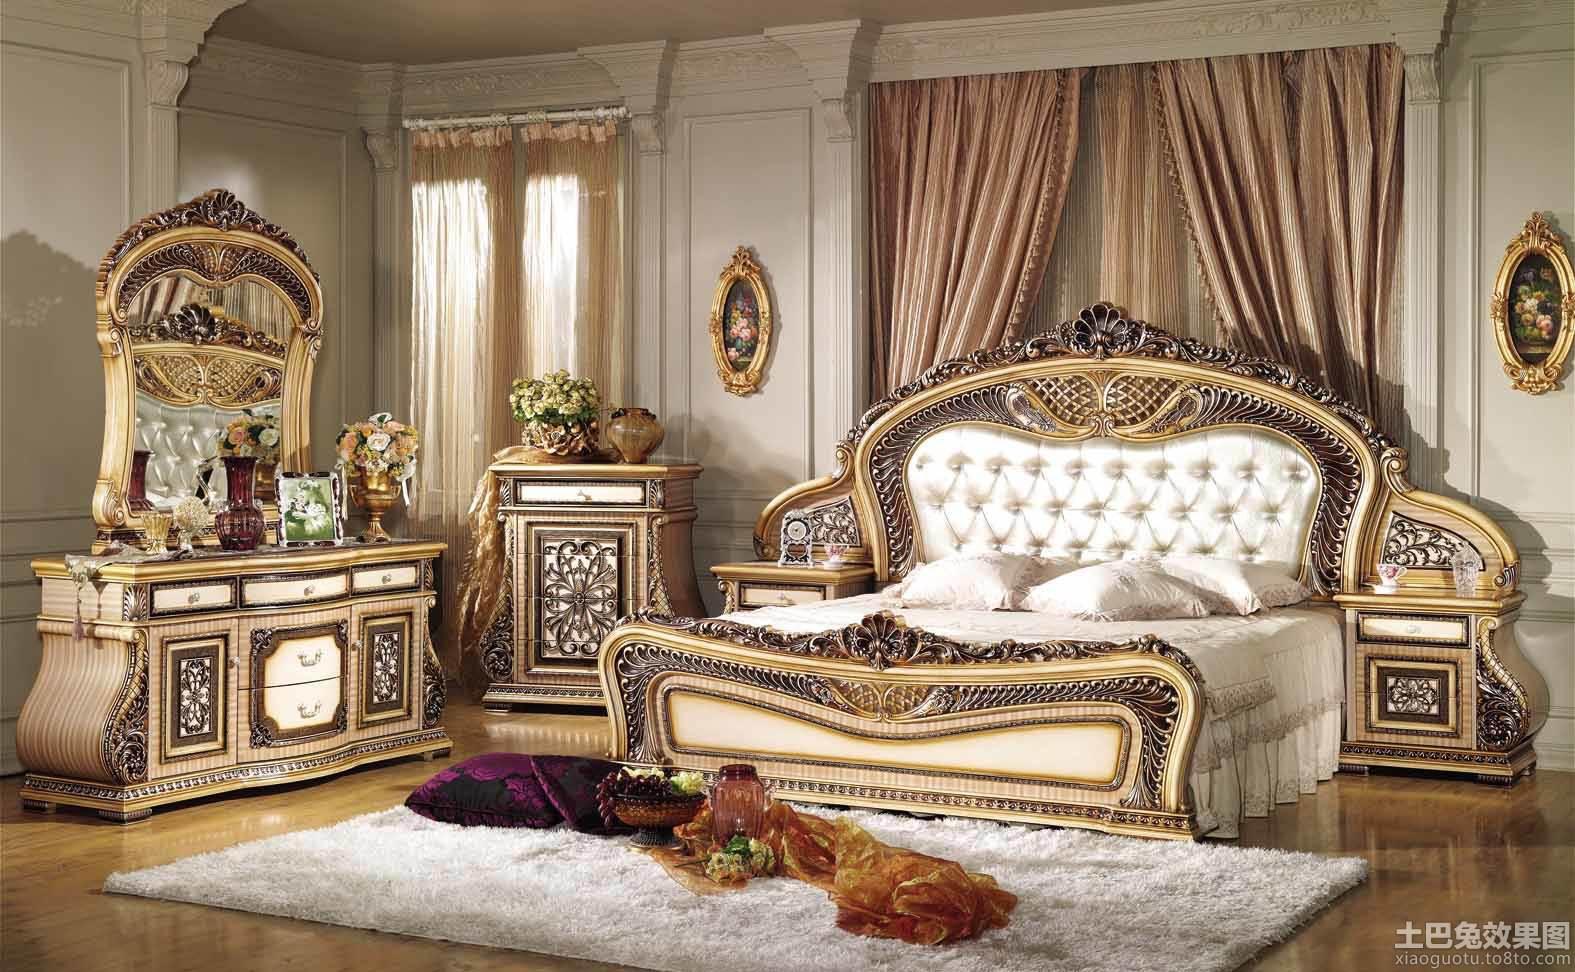 奢华装修卧室欧式古典家具图片装修效果图图片